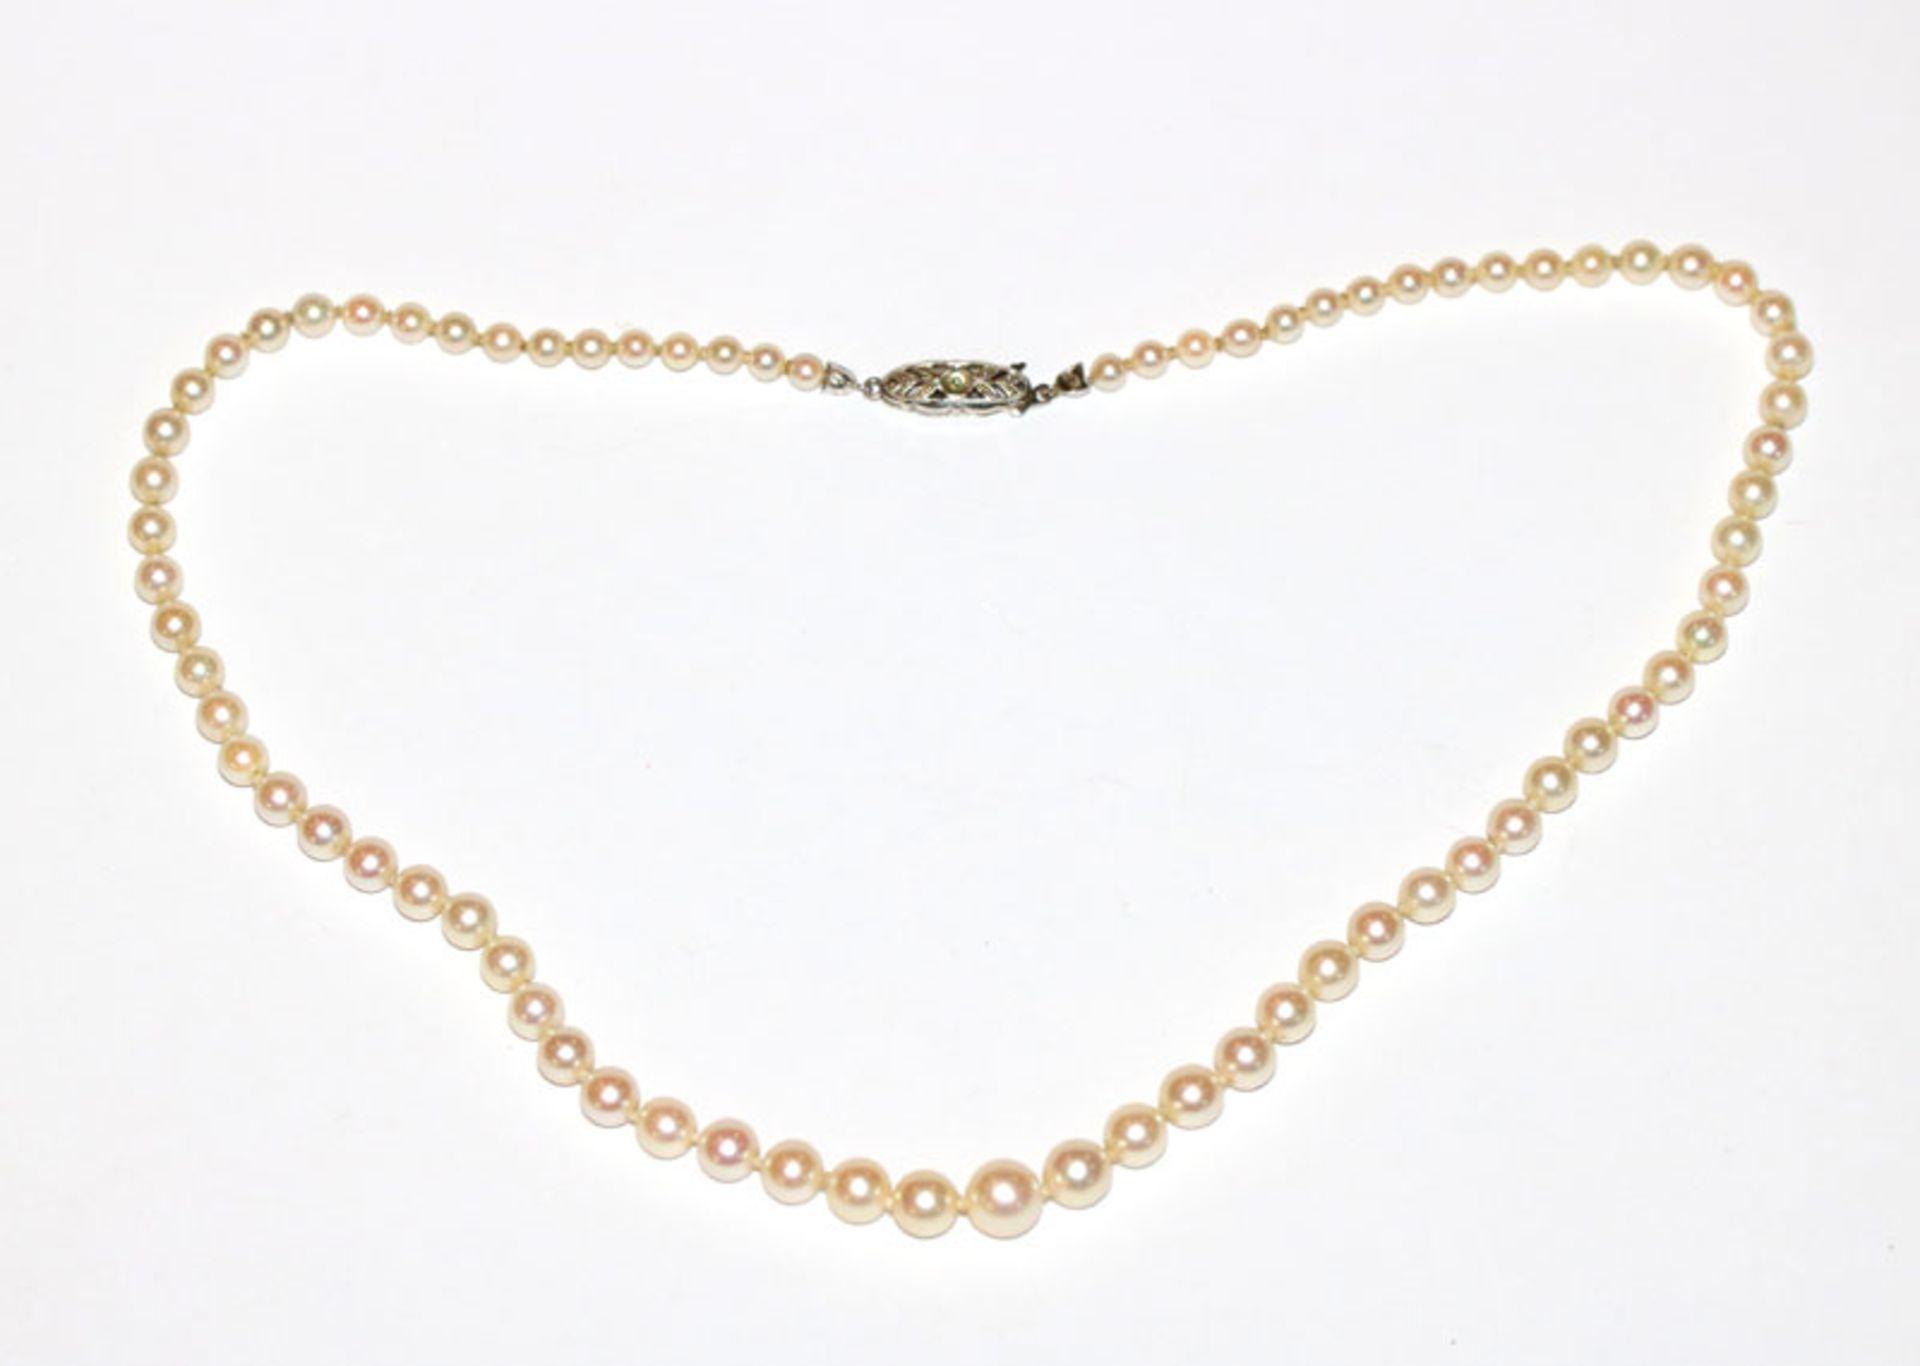 Schöne Perlenkette mit 14 k Weißgold Schließe, Perle fehlt, L 44 cm